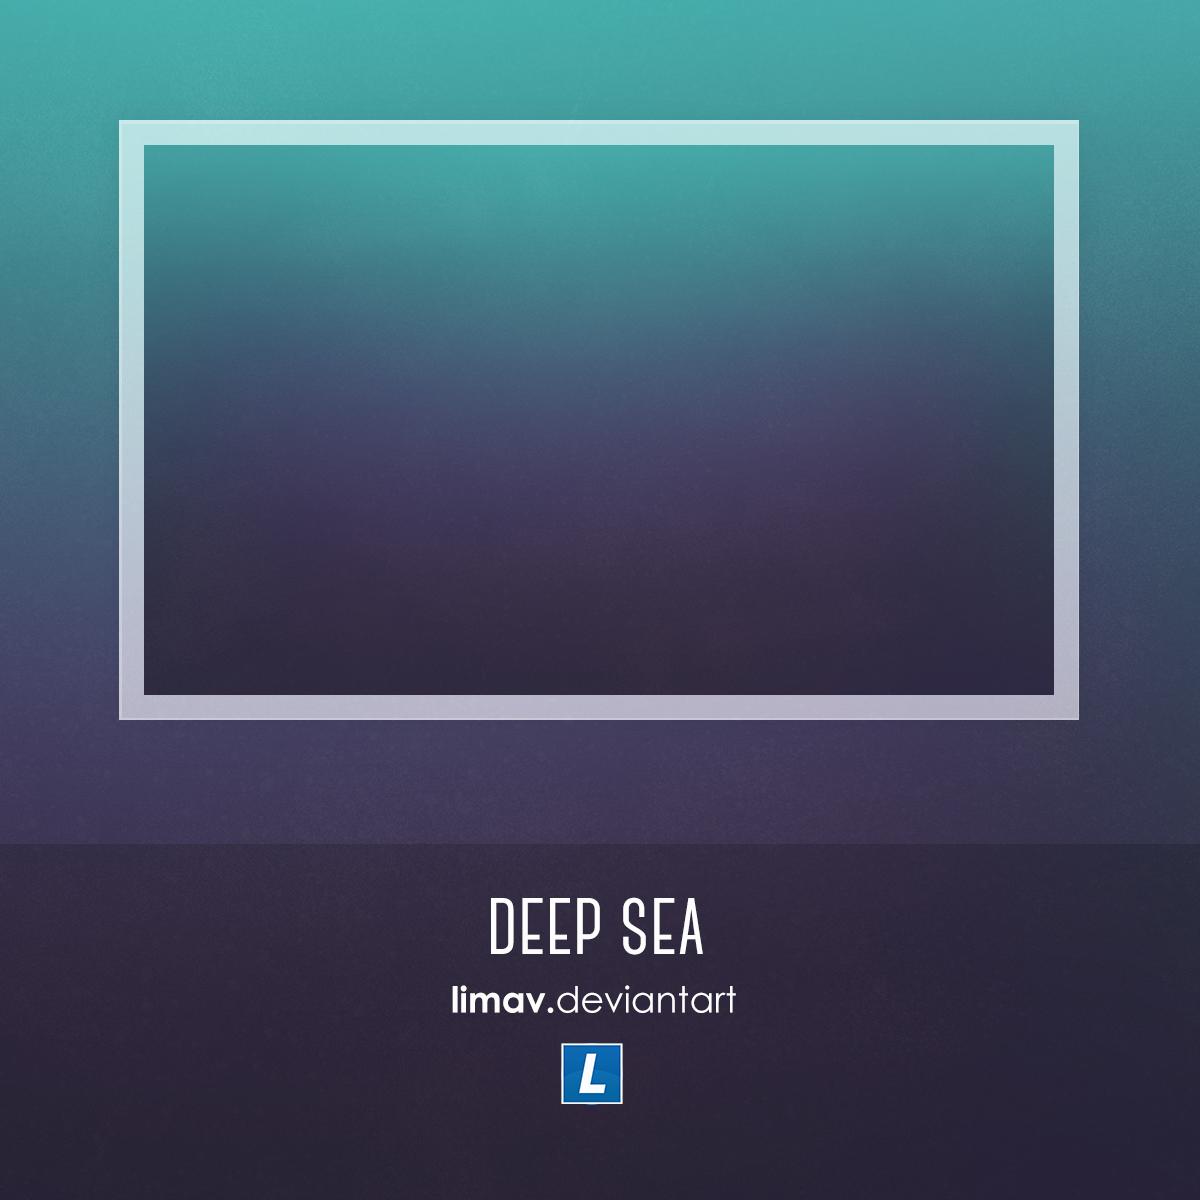 Deep Sea - Wallpaper